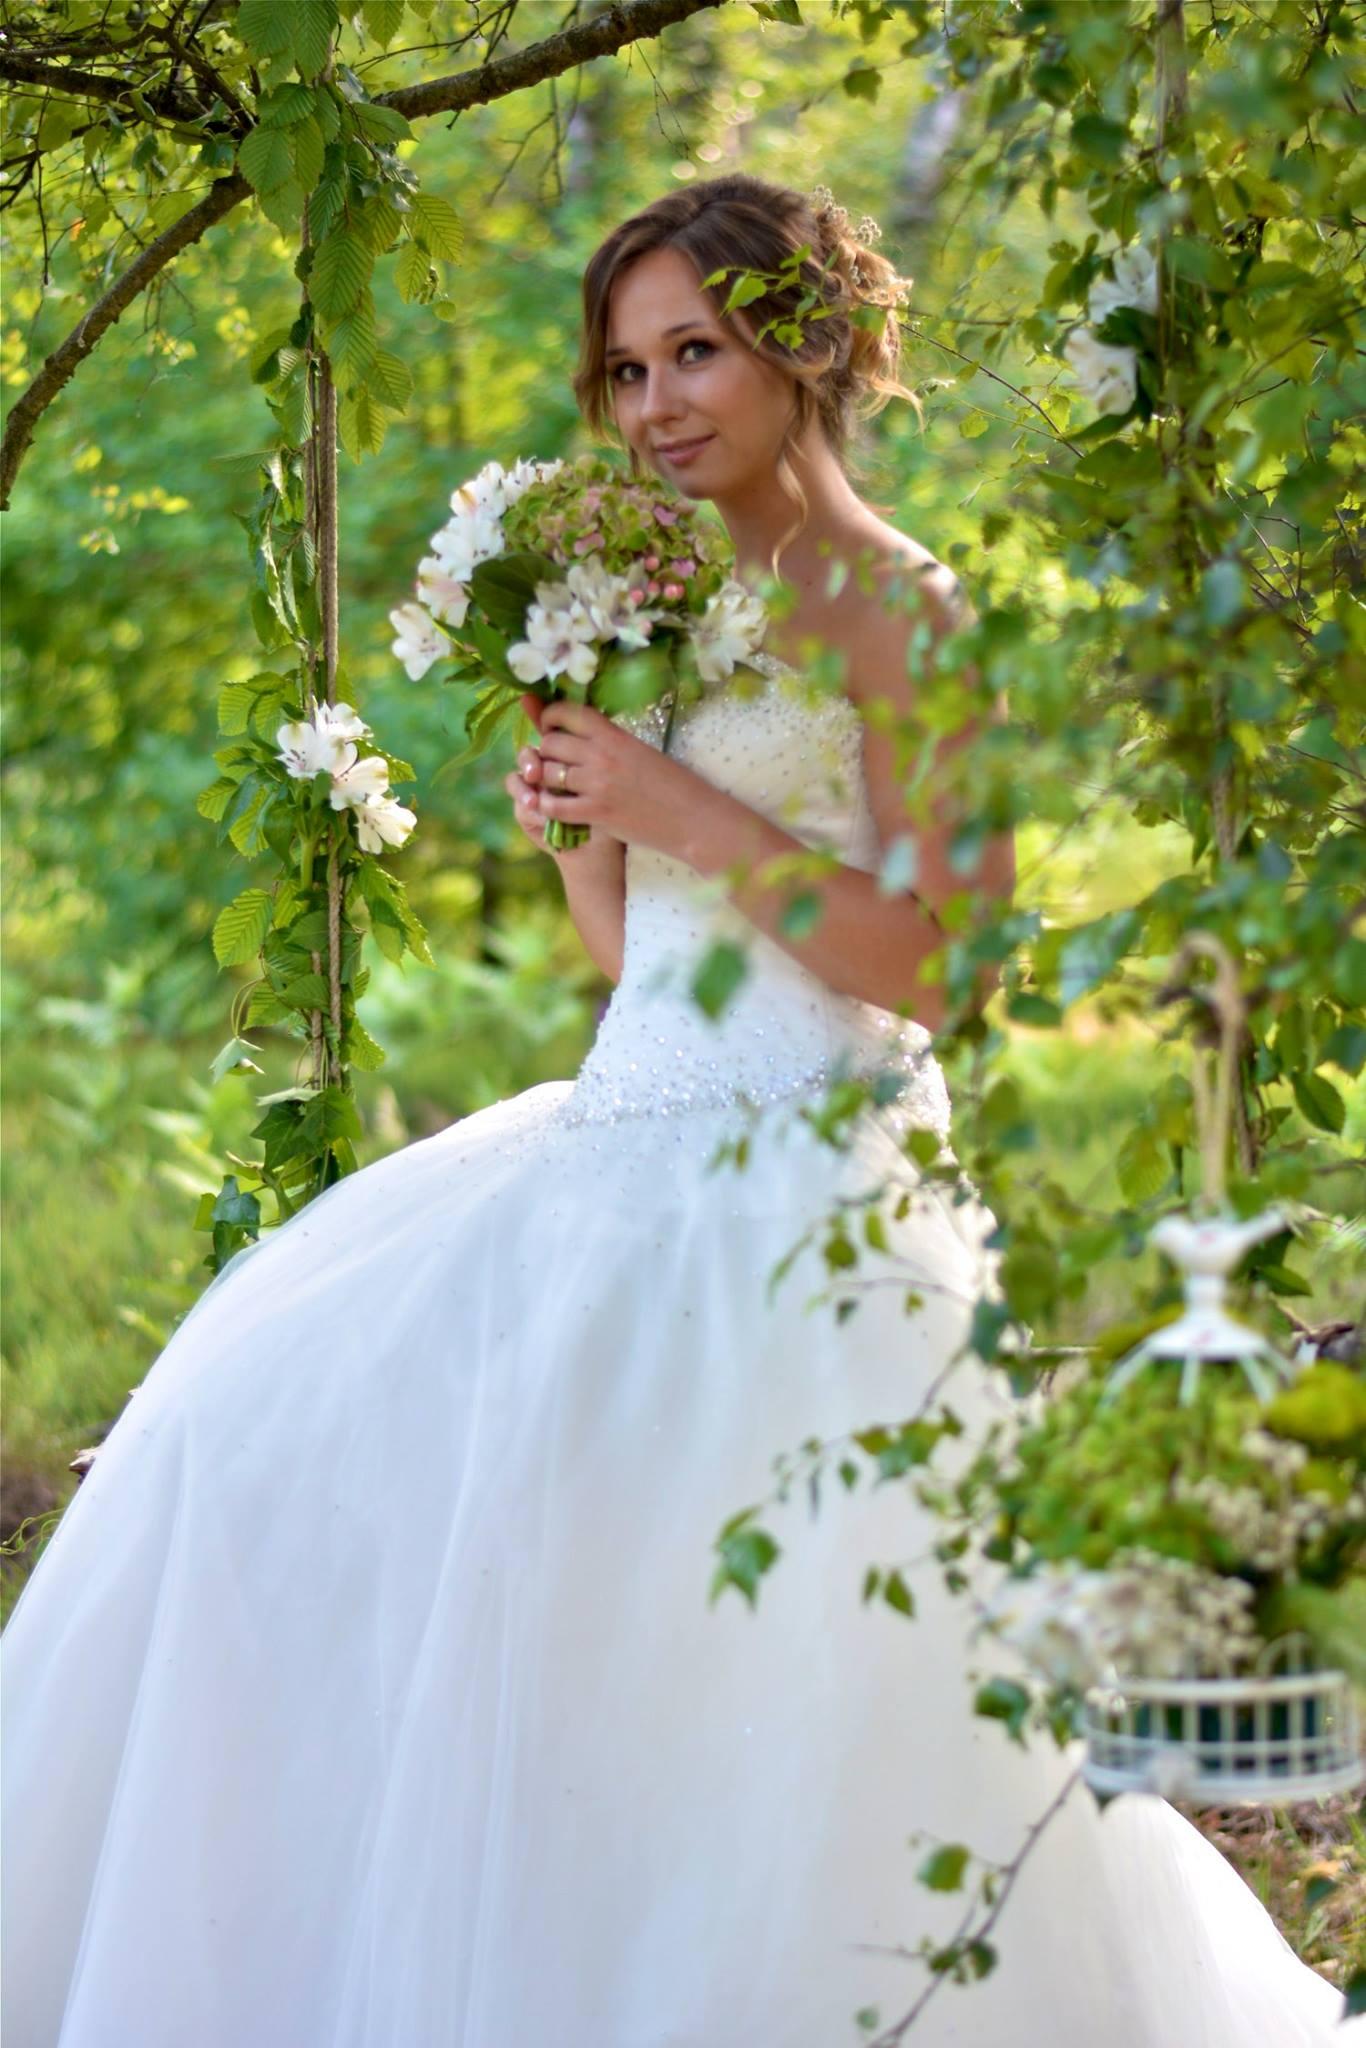 Wir dekorieren ihre hochzeit weddchecker - Hochzeit dekorieren ...